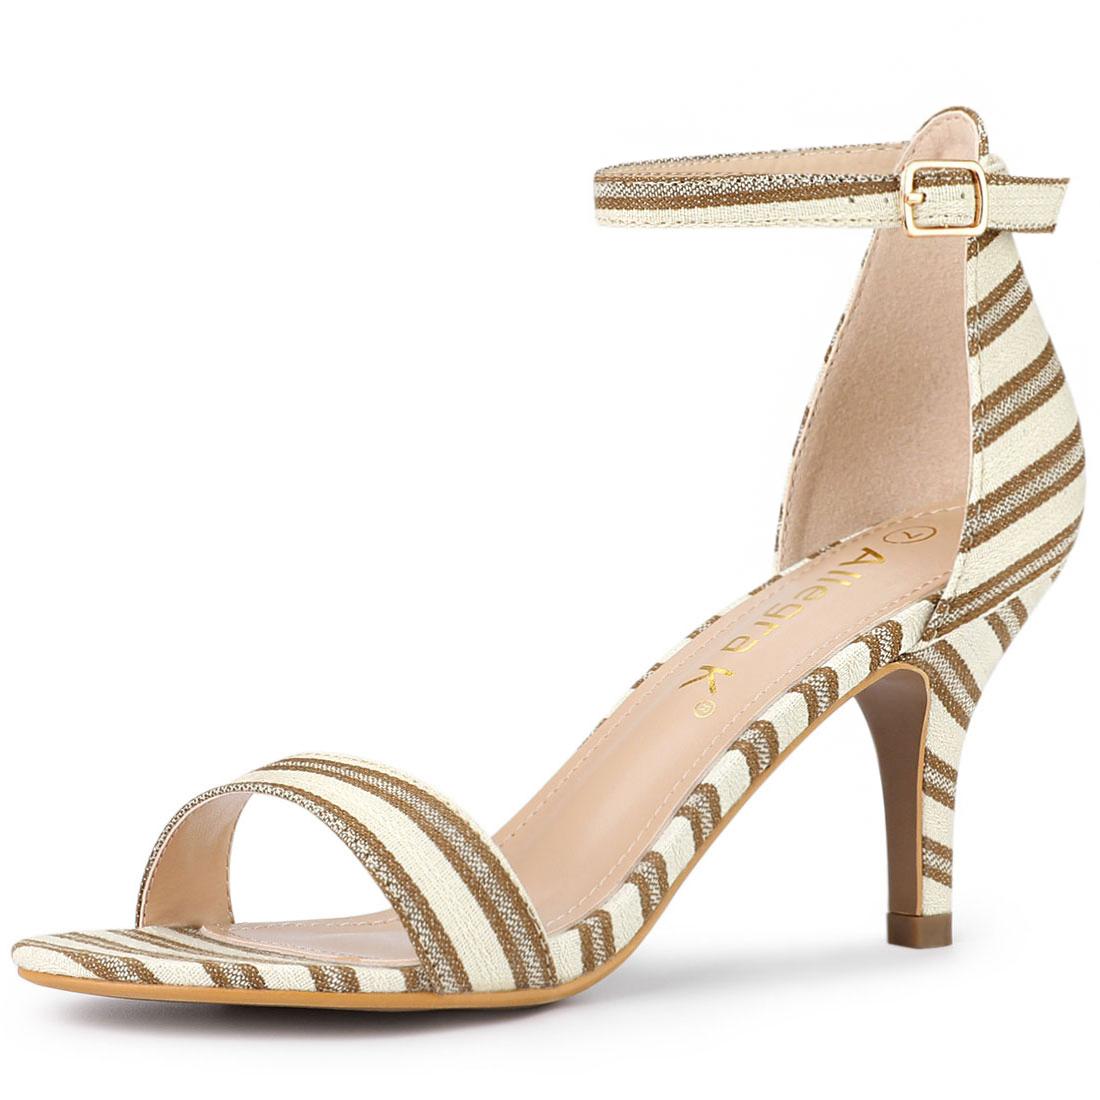 Allegra K Women's Stripe Ankle Strap Stiletto Heel Sandals Brown US 8.5